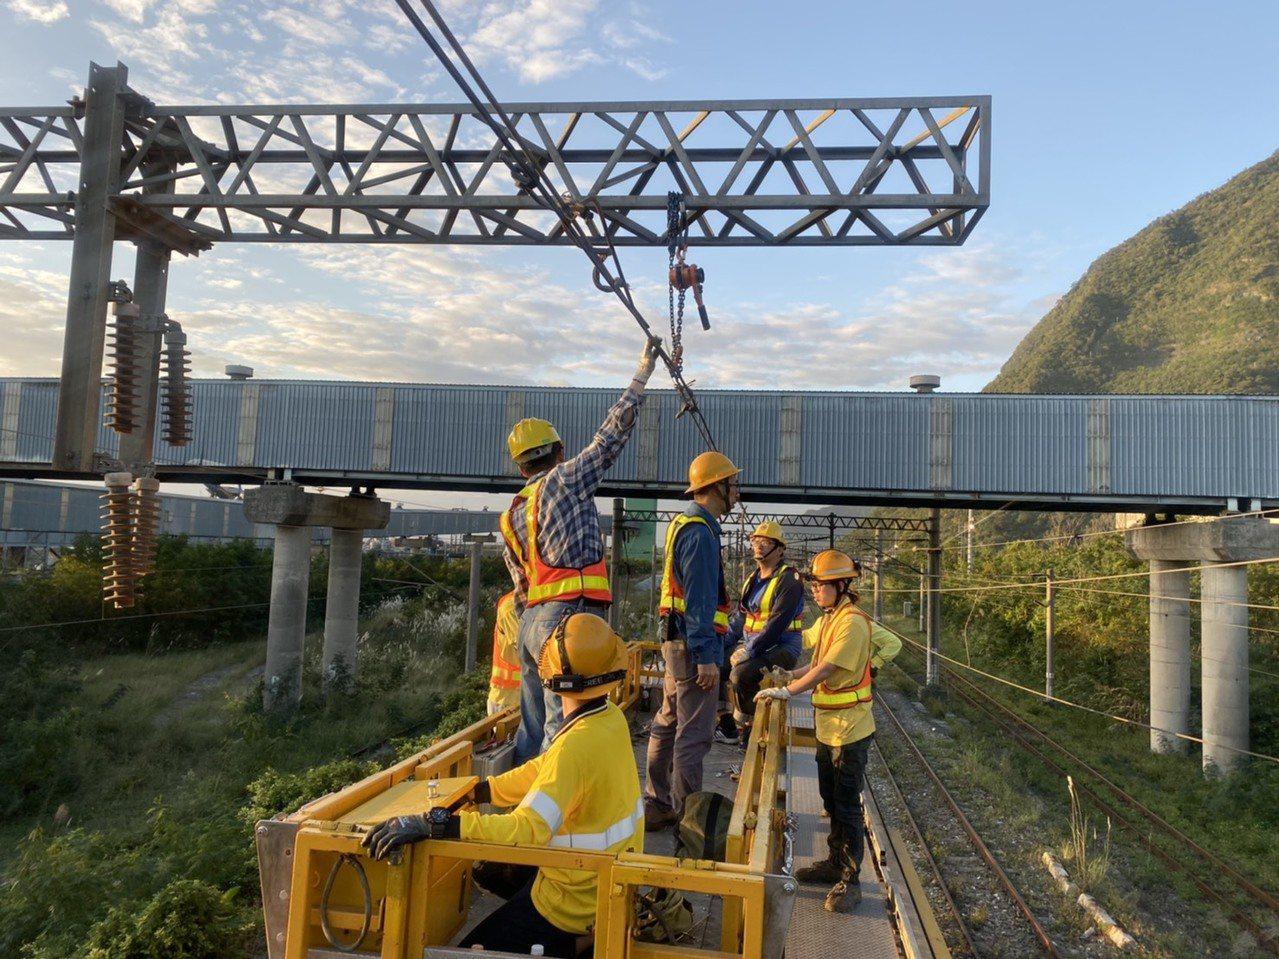 台電台鐵256次太魯閣號列車,昨天深夜南下行經花蓮和平站時,因集電弓斷落纏繞電車...